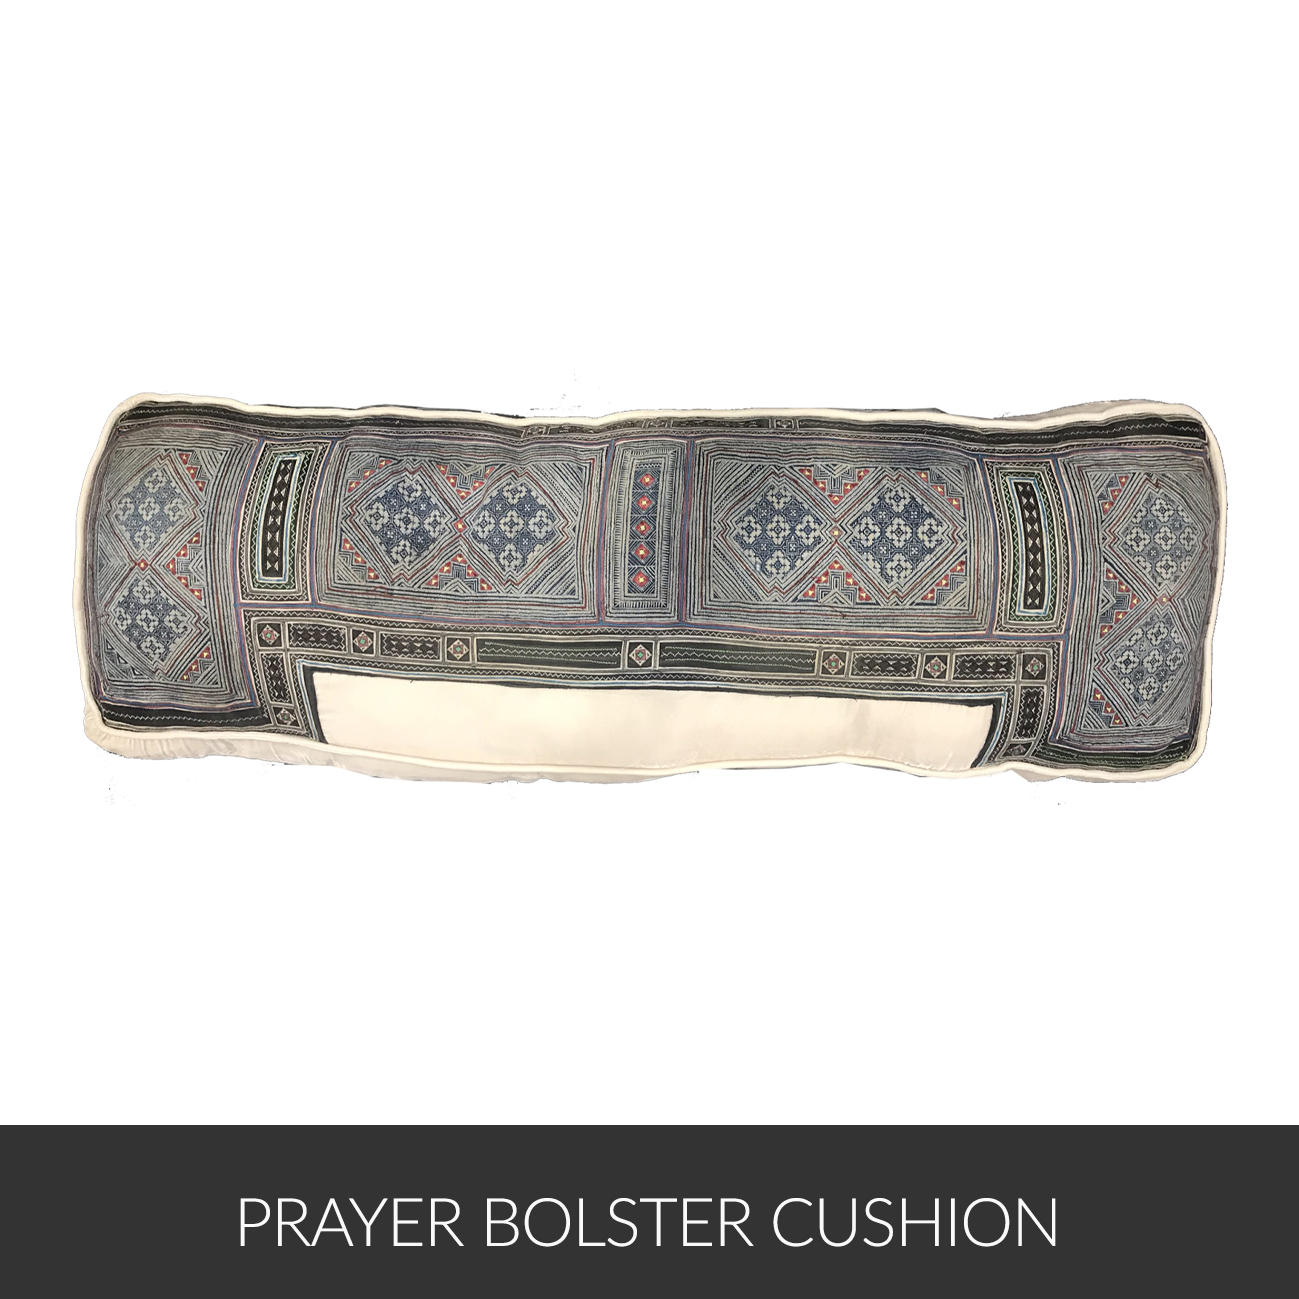 PRAYER_BOLSTER_CUSHION-.jpg